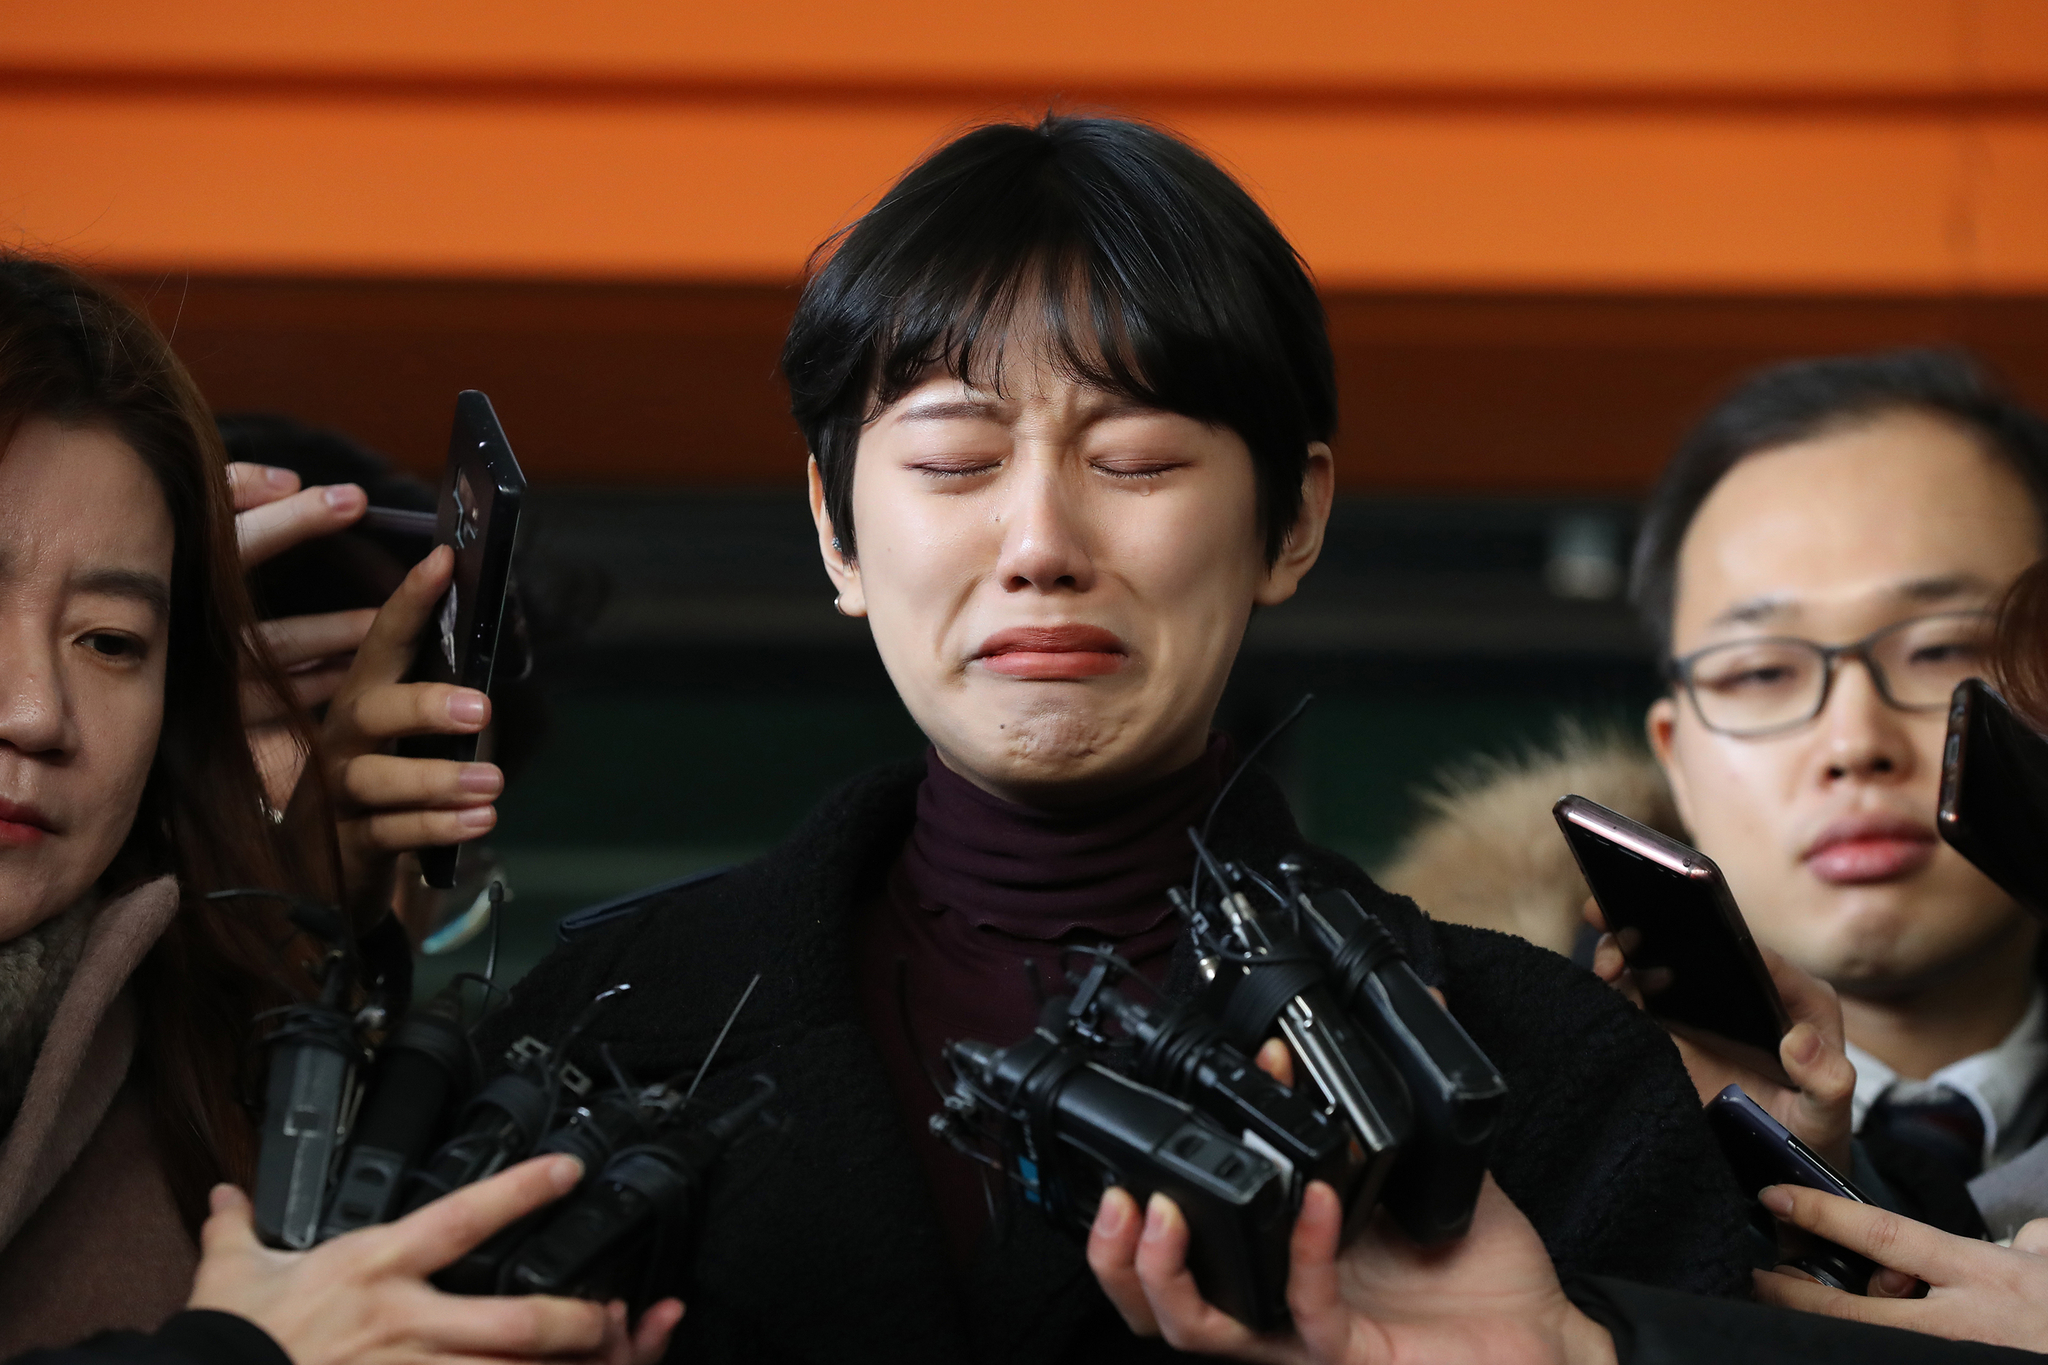 '비공개 촬영회'를 폭로한 유튜버 양예원이 구속기소된 촬영자 모집책 최모씨(46)의 선고공판이 열린 9일 오전 서울 마포구 서부지법을 나오며 취재진의 질문을 받고 있다. [연합뉴스]